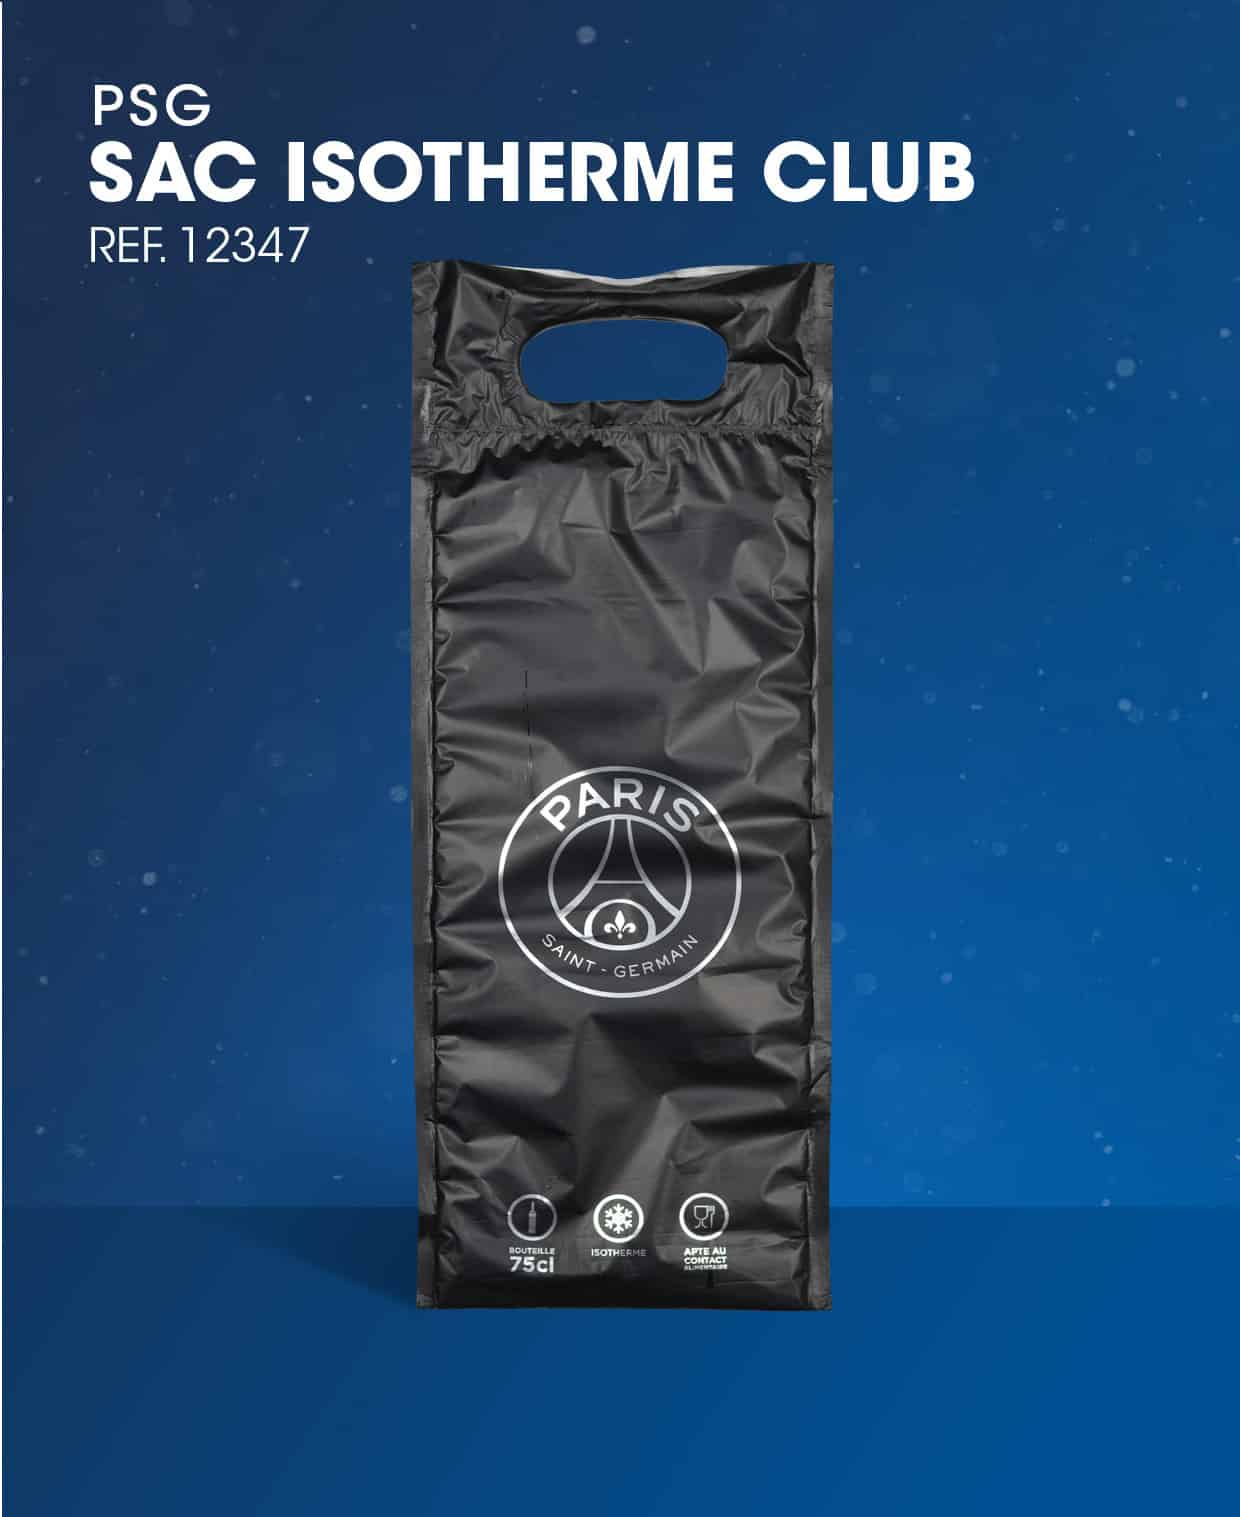 Sac à glaçon PSG Sac Isotherme Club